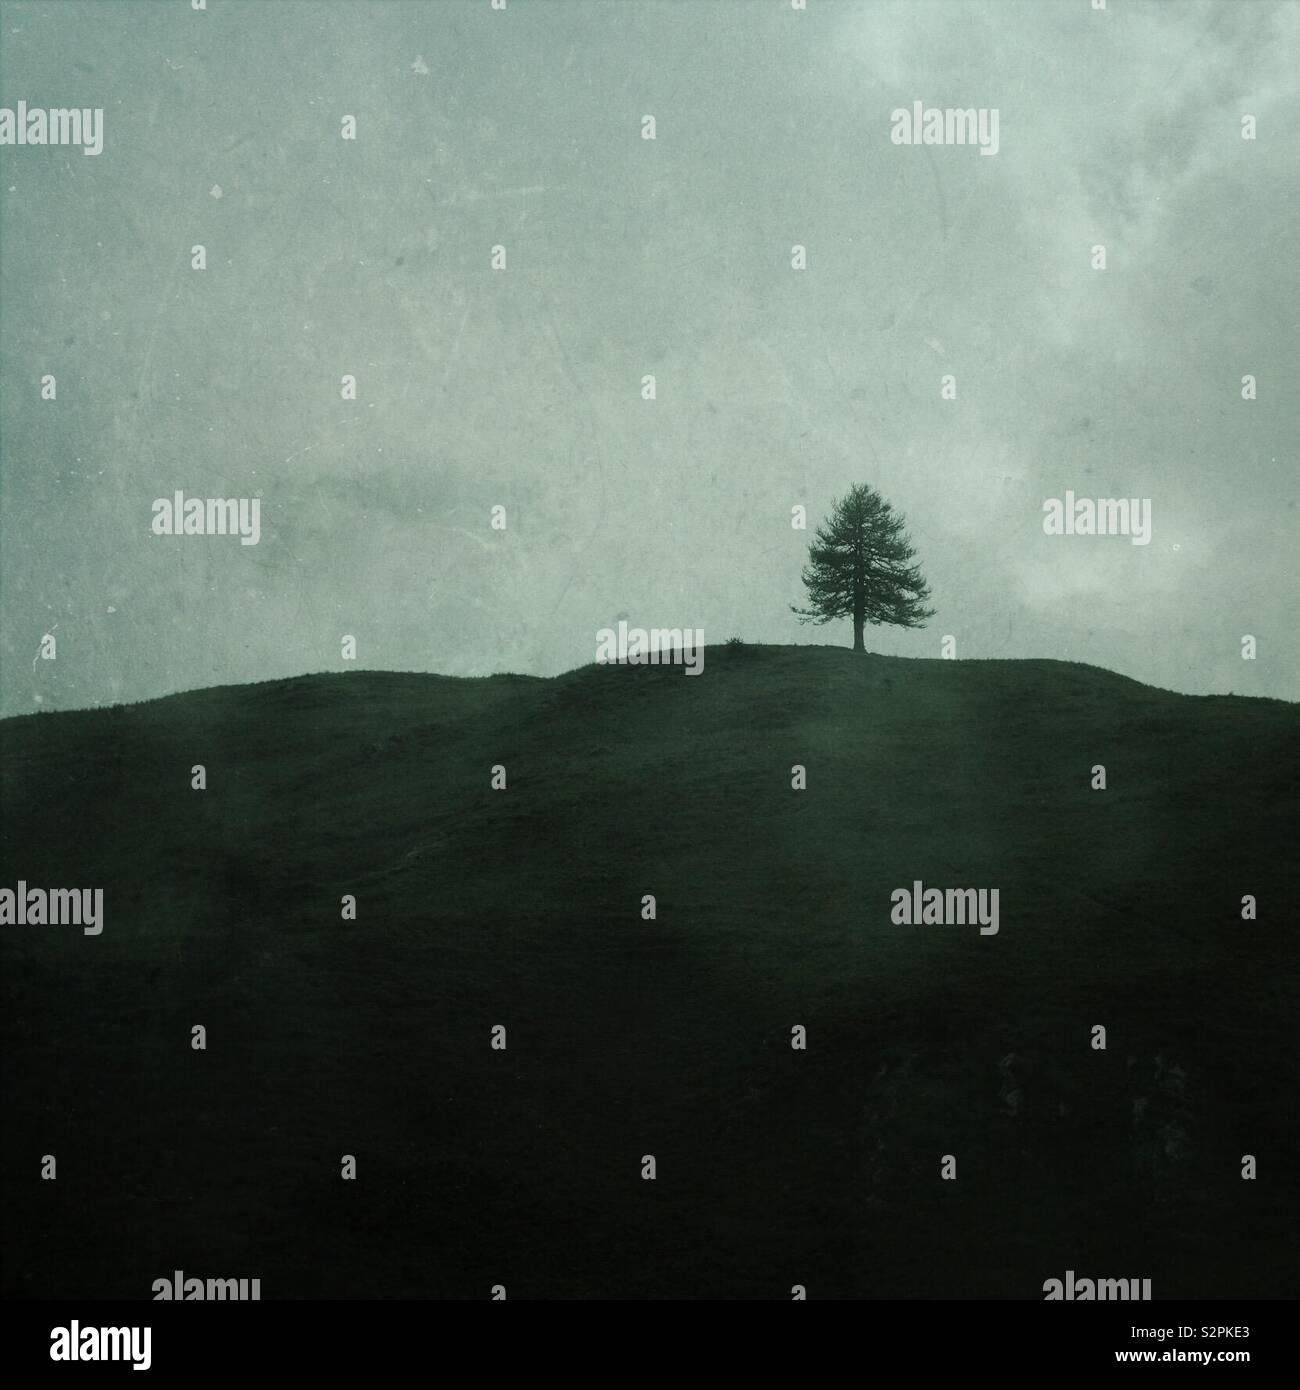 Un arbre isolé sur une colline paysage minimal en vert - arbre minimaliste Banque D'Images